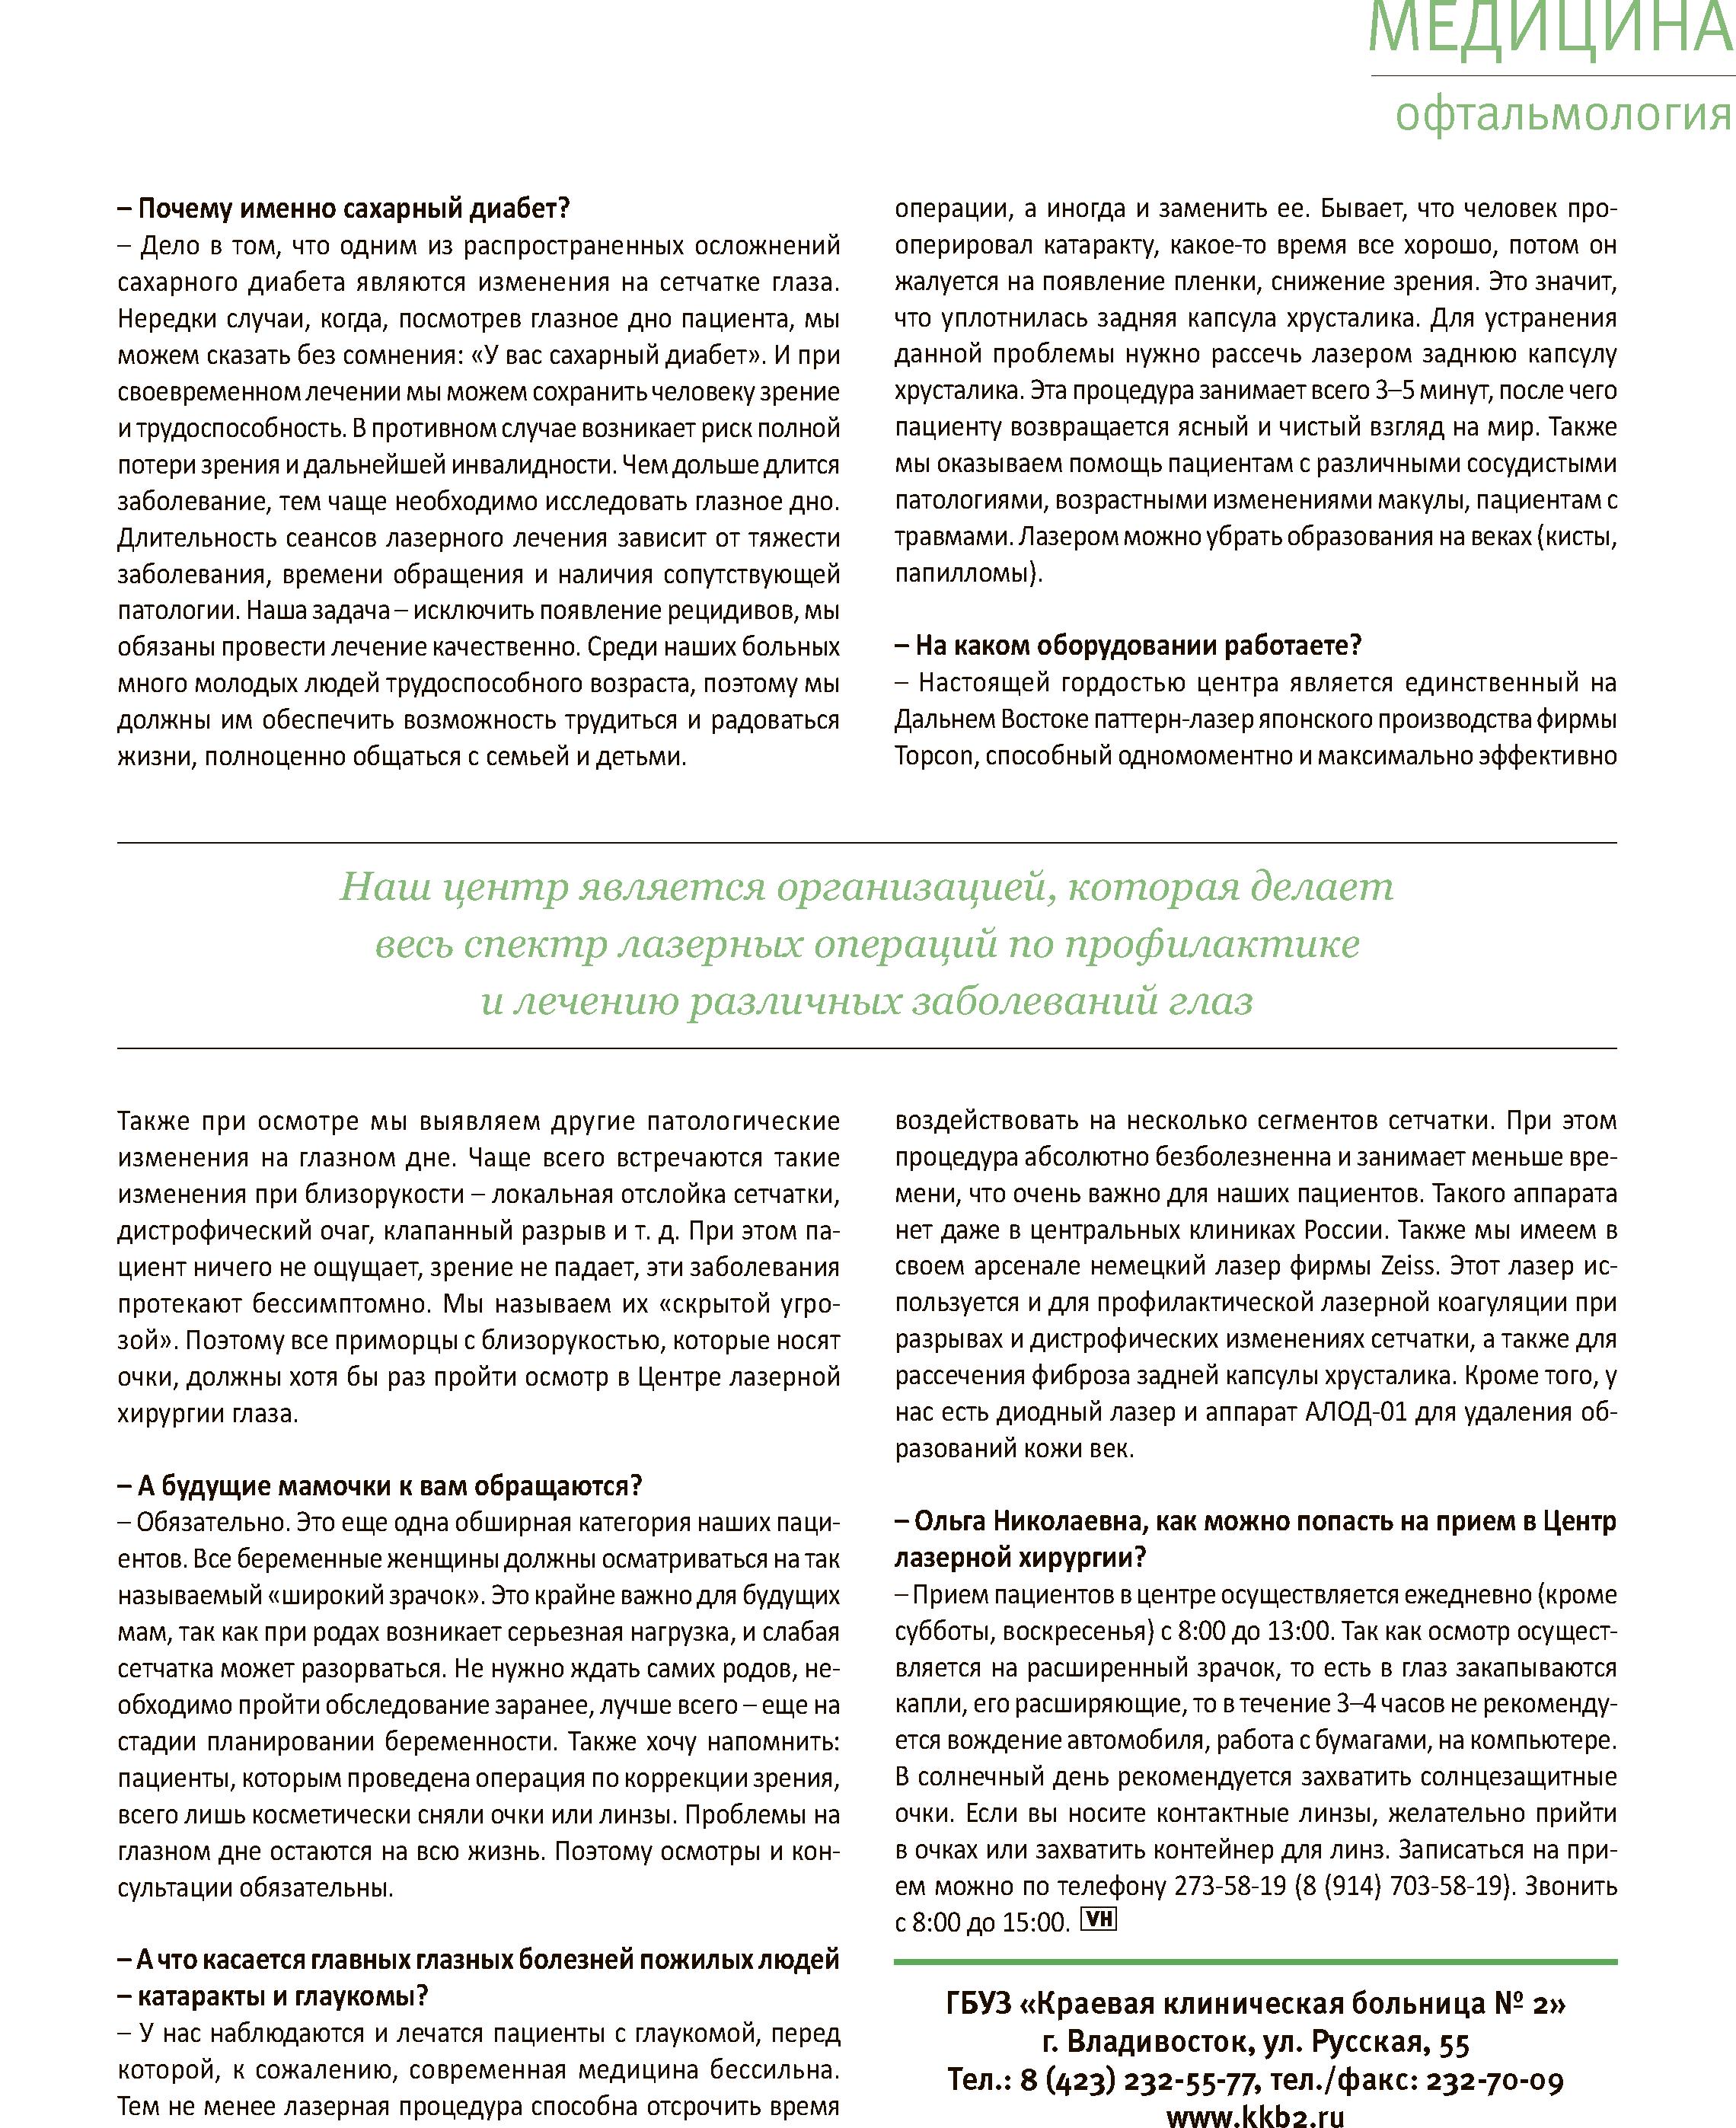 VH_October_2017_Лазерный-центр_02